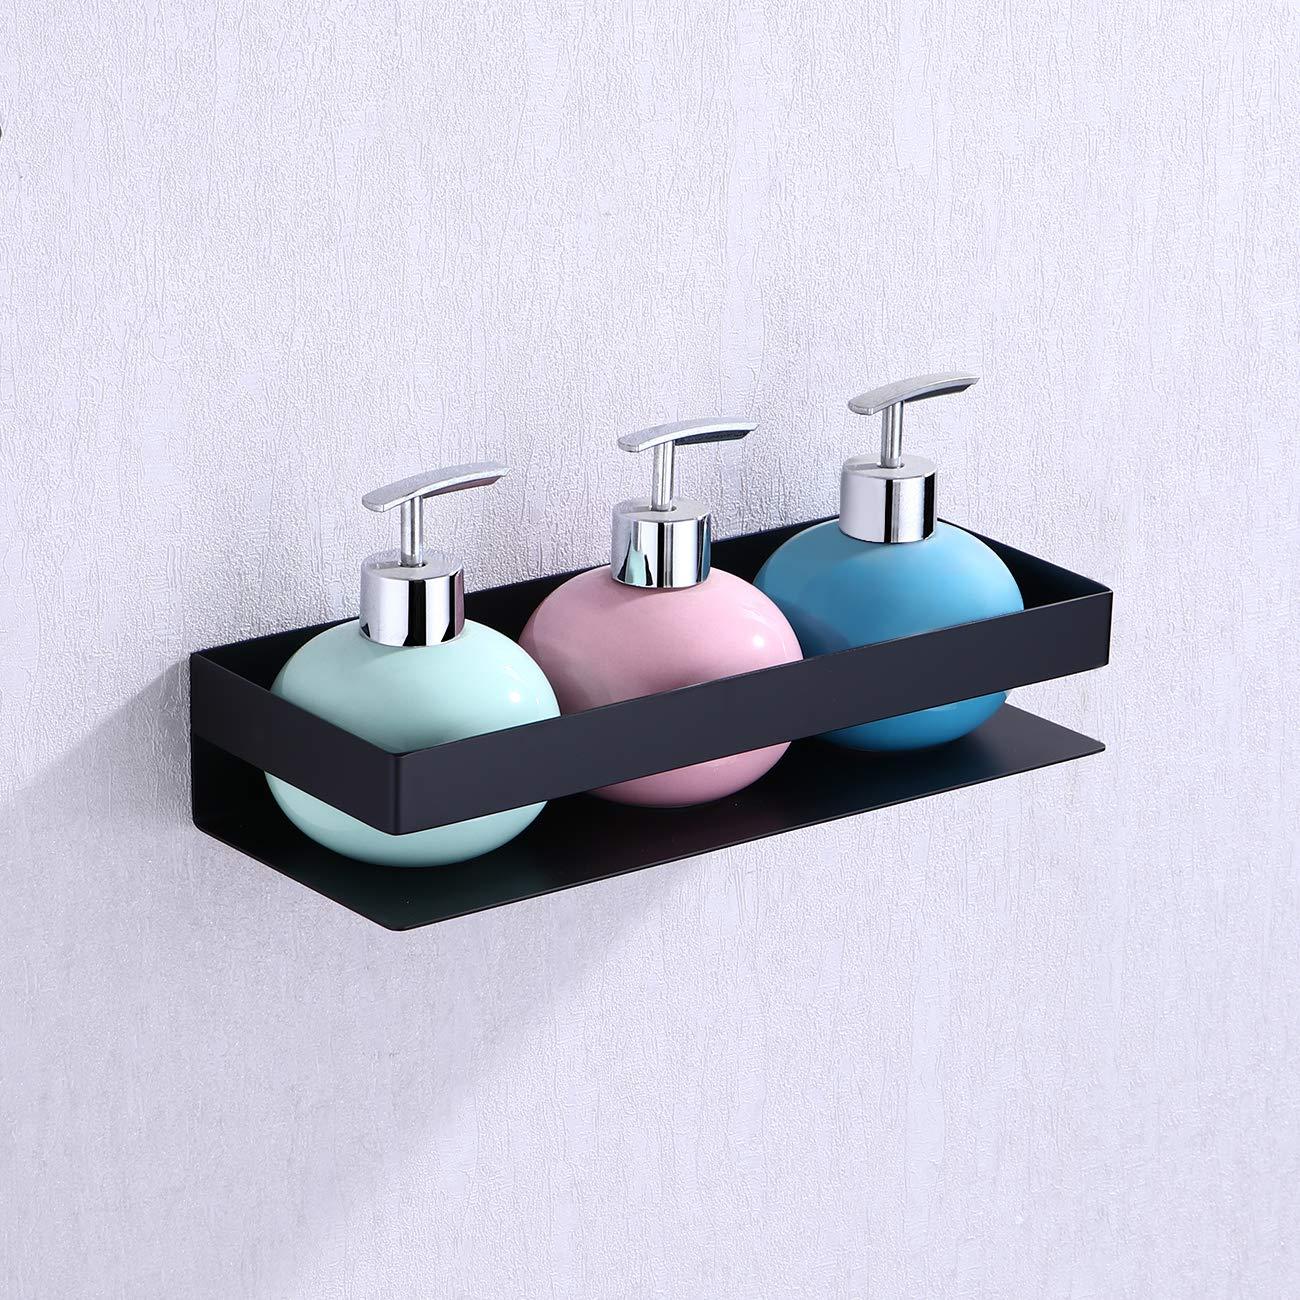 KES Bathroom Shelf Stainless Steel Bath Shower Shelf Basket Caddy RUSTPROOF Square Modern Style Wall Mounted Matte Black, BSC205S30A-BK by KES